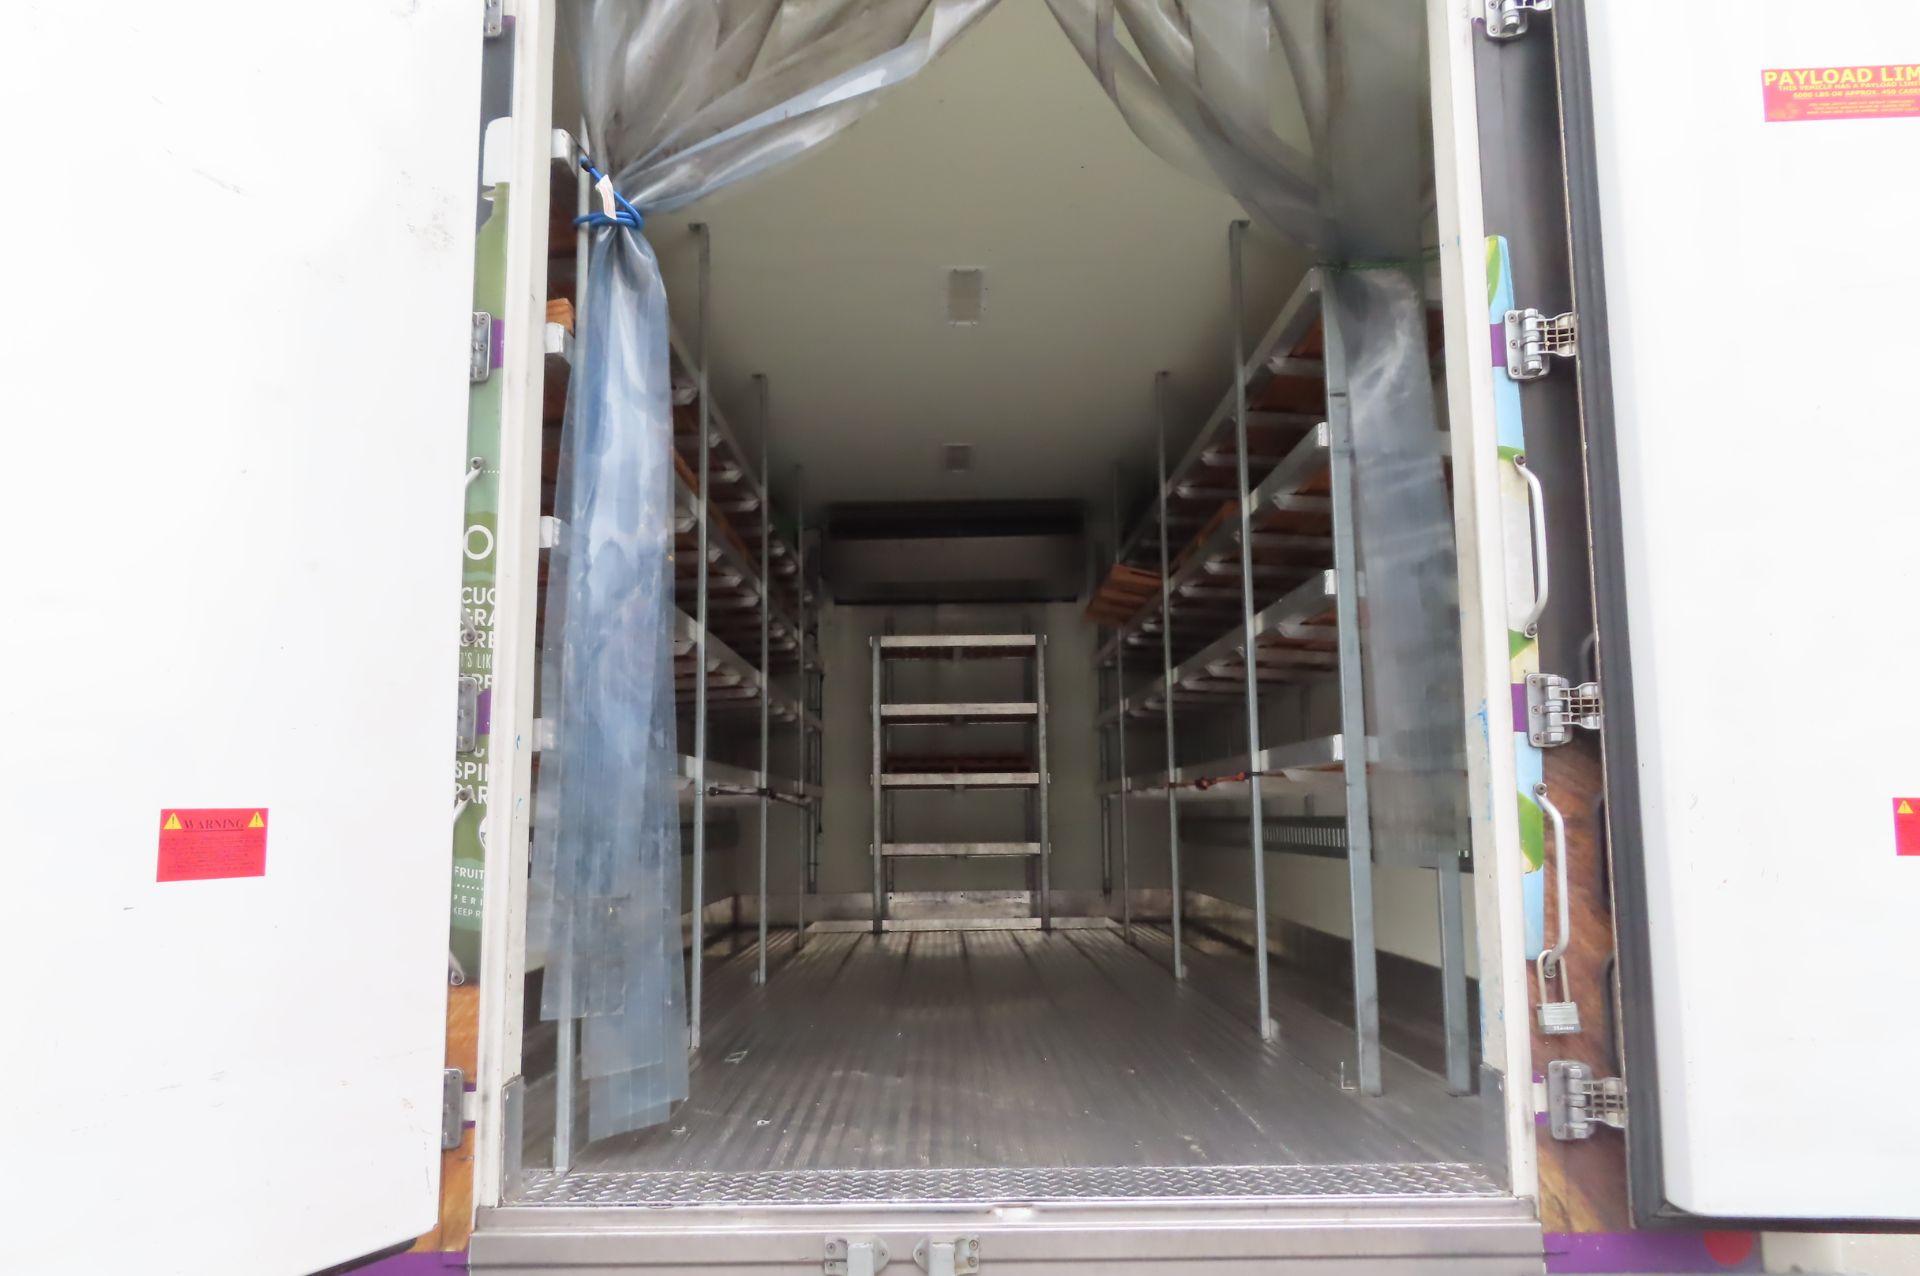 2013 Isuzu refrigerated truck - Image 5 of 9